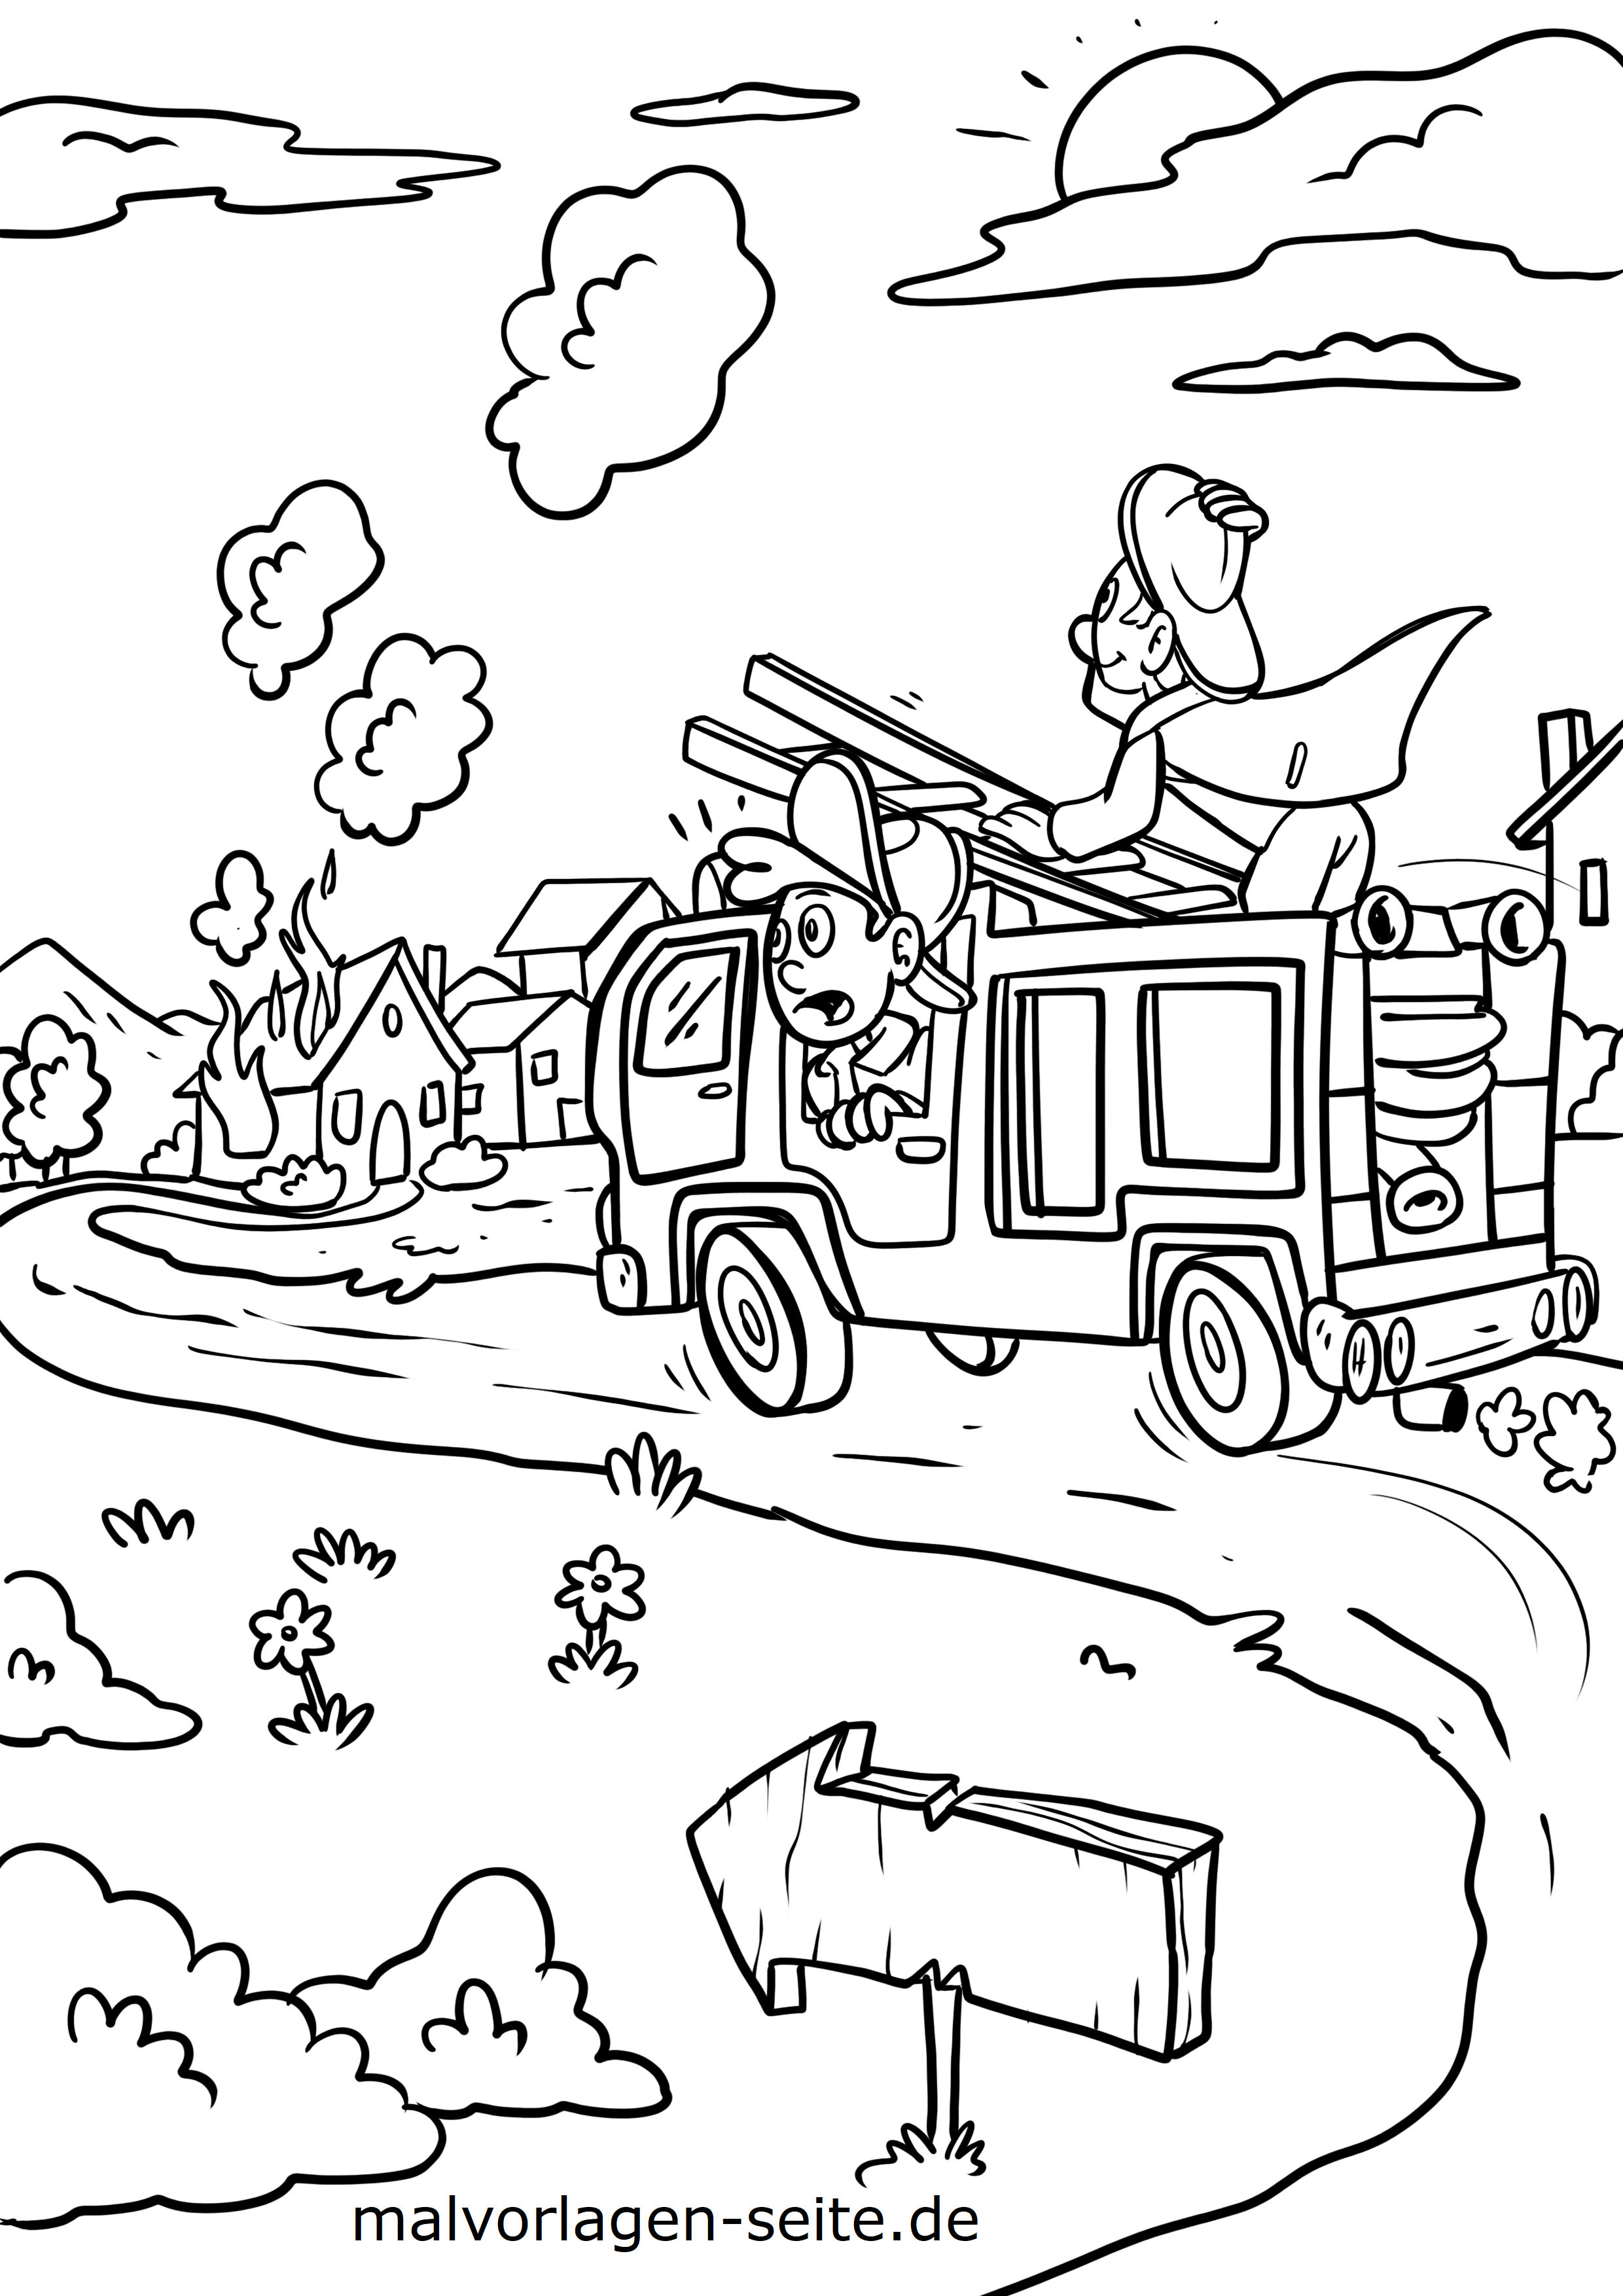 malvorlage feuerwehrauto skizze